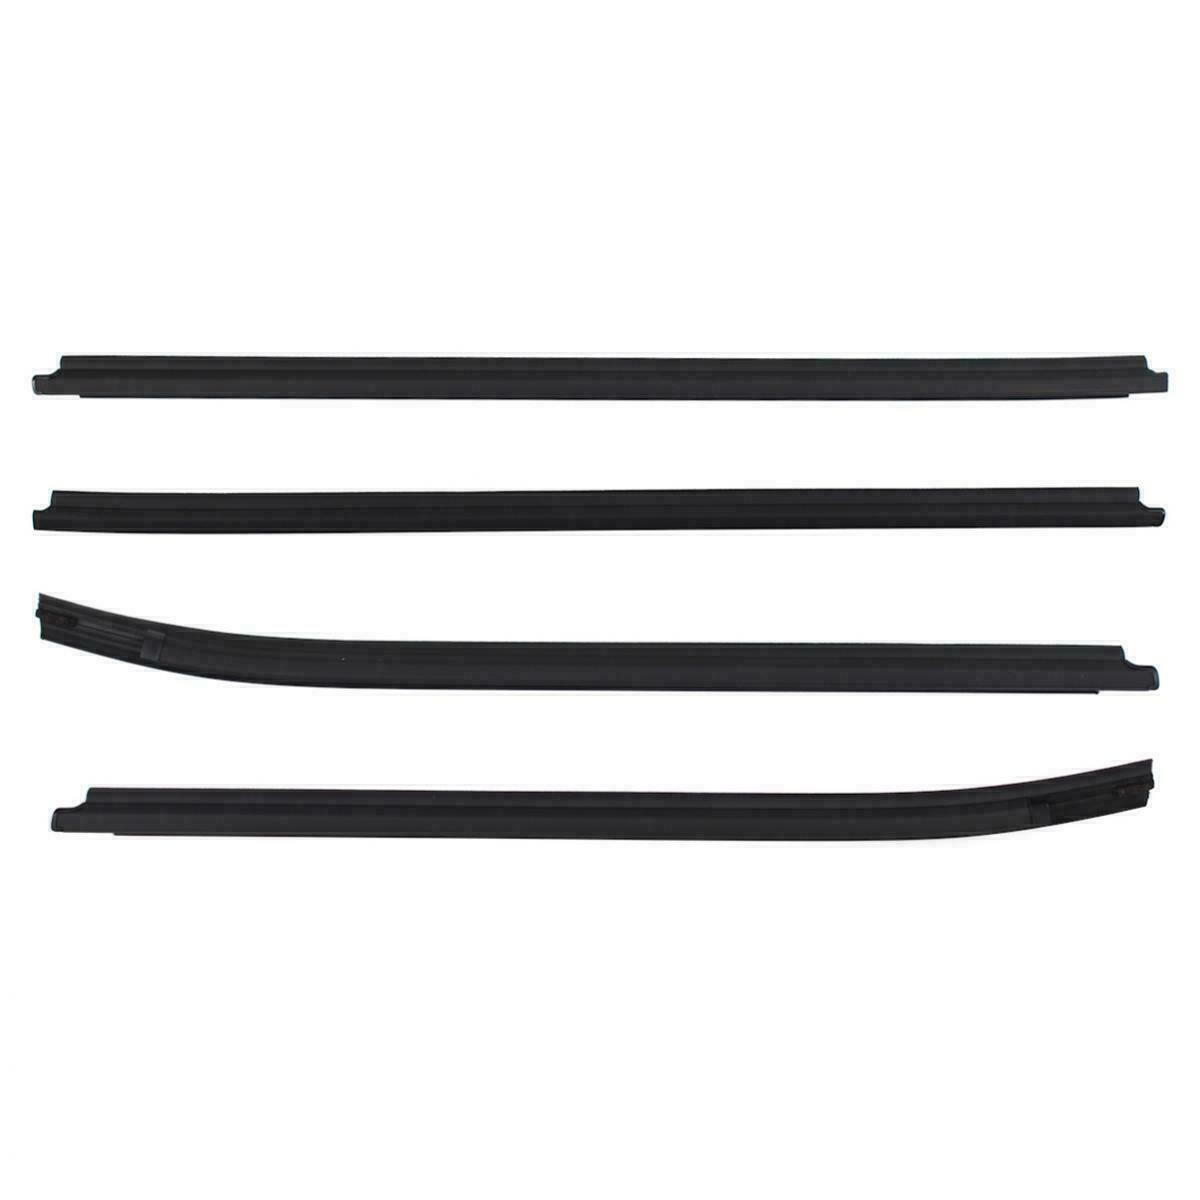 4pcs Black Outer Window Belt Mould Suits Toyota Hilux Double Cab SR5 2005-2015